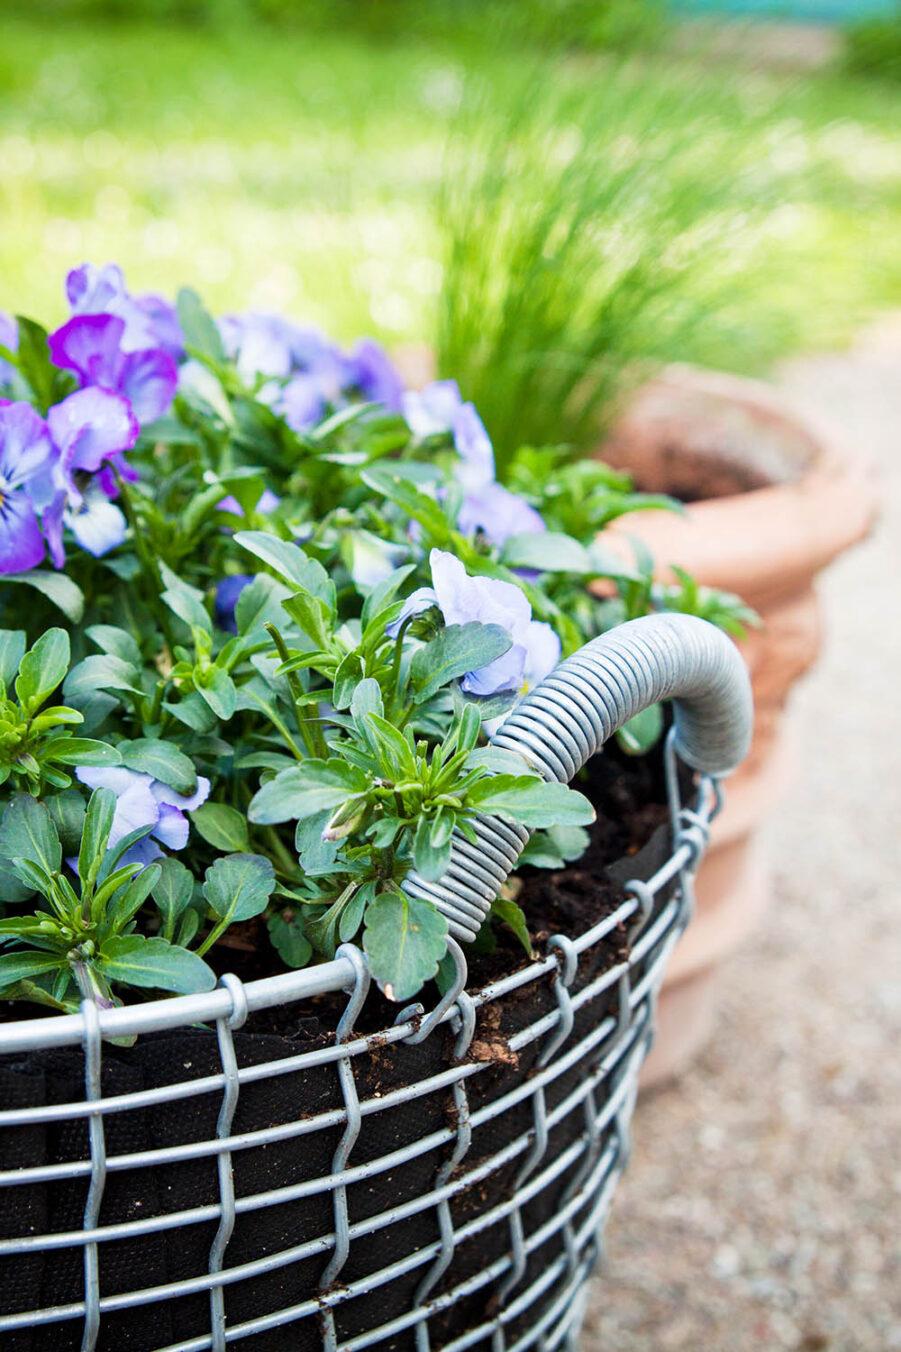 Miljöbild av Classic 24 korg i galvaniserad stål med planterade blommor i.